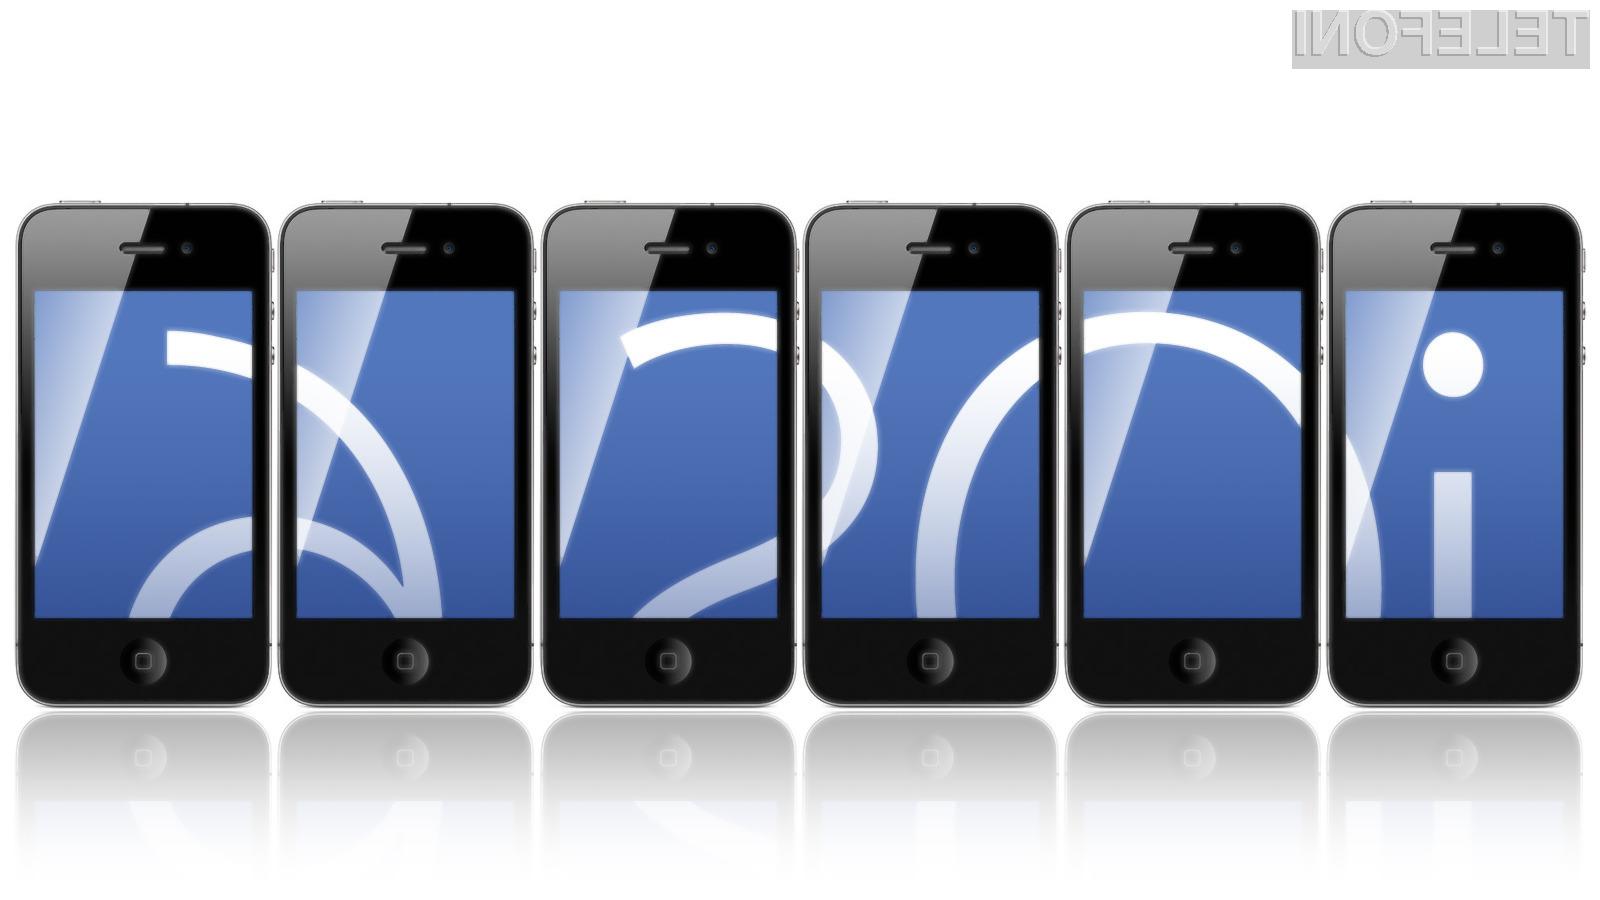 Kljub nekaterim omejitvam, bo nov iOS 6 nekoliko starejšim napravam ponudil številne novosti.